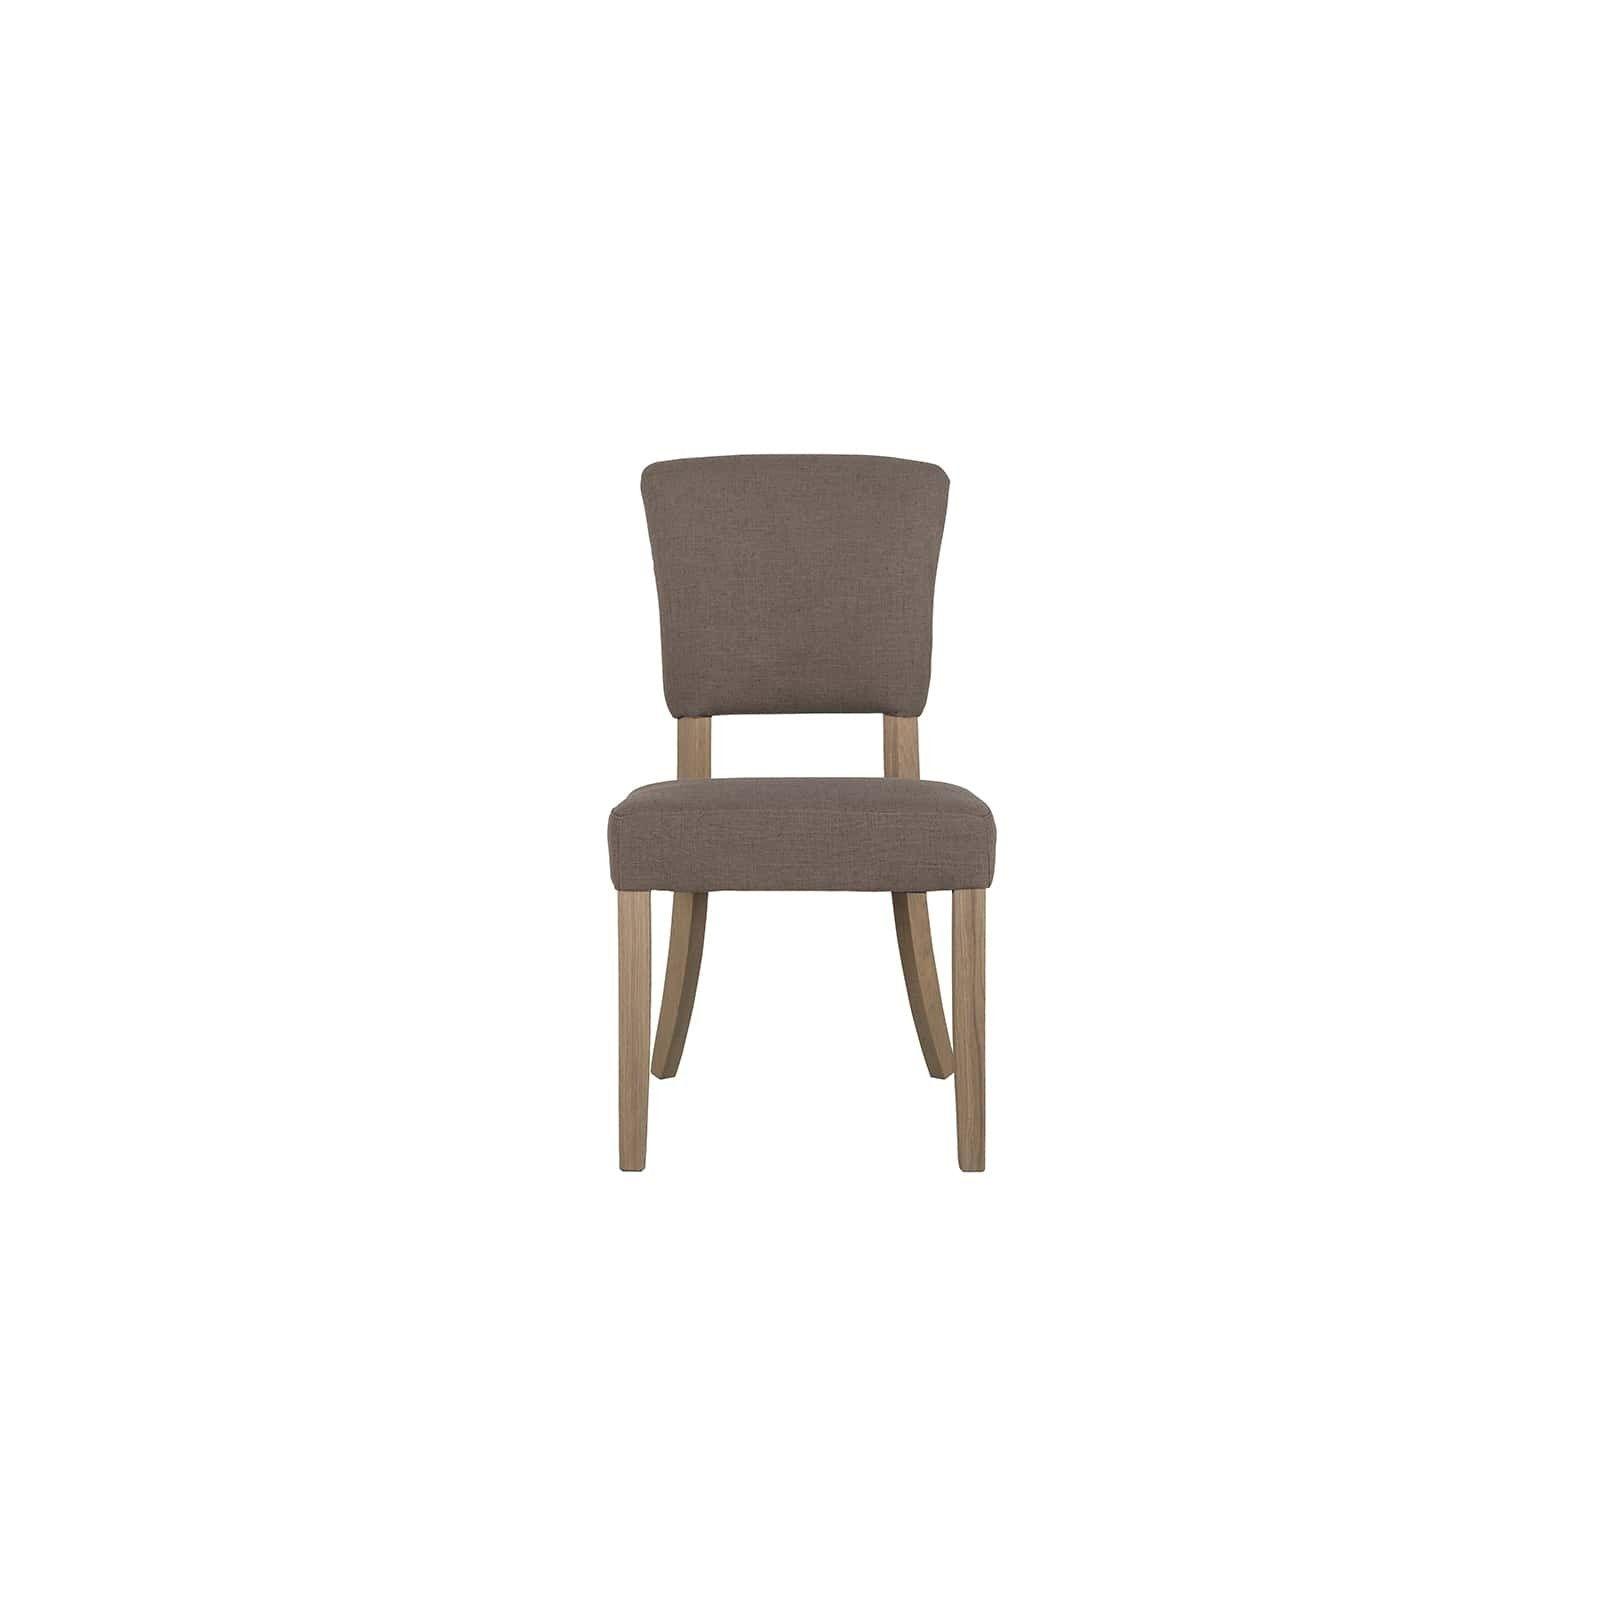 Chaise Roxy avec Bronze nails Salle à manger - 121